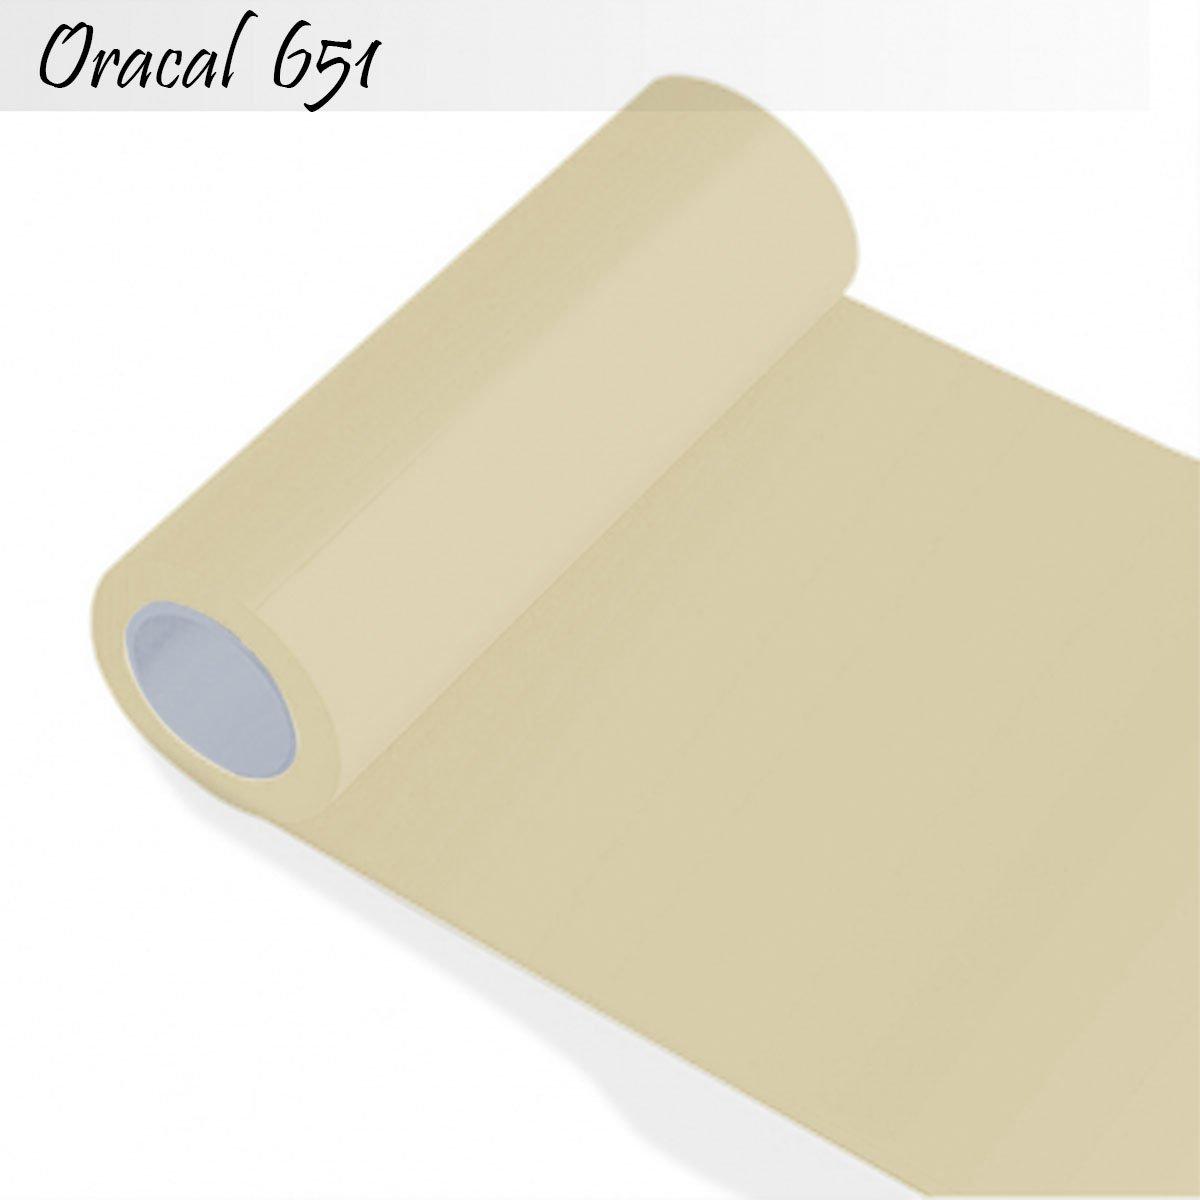 Oracal 651 - - - Orafol Folie 10m (Laufmeter) freie Farbwahl 55 glänzende Farben - glanz in 4 Größen, 63 cm Folienhöhe - Farbe 70 - schwarz B00TRTLX24 Wandtattoos & Wandbilder 163643